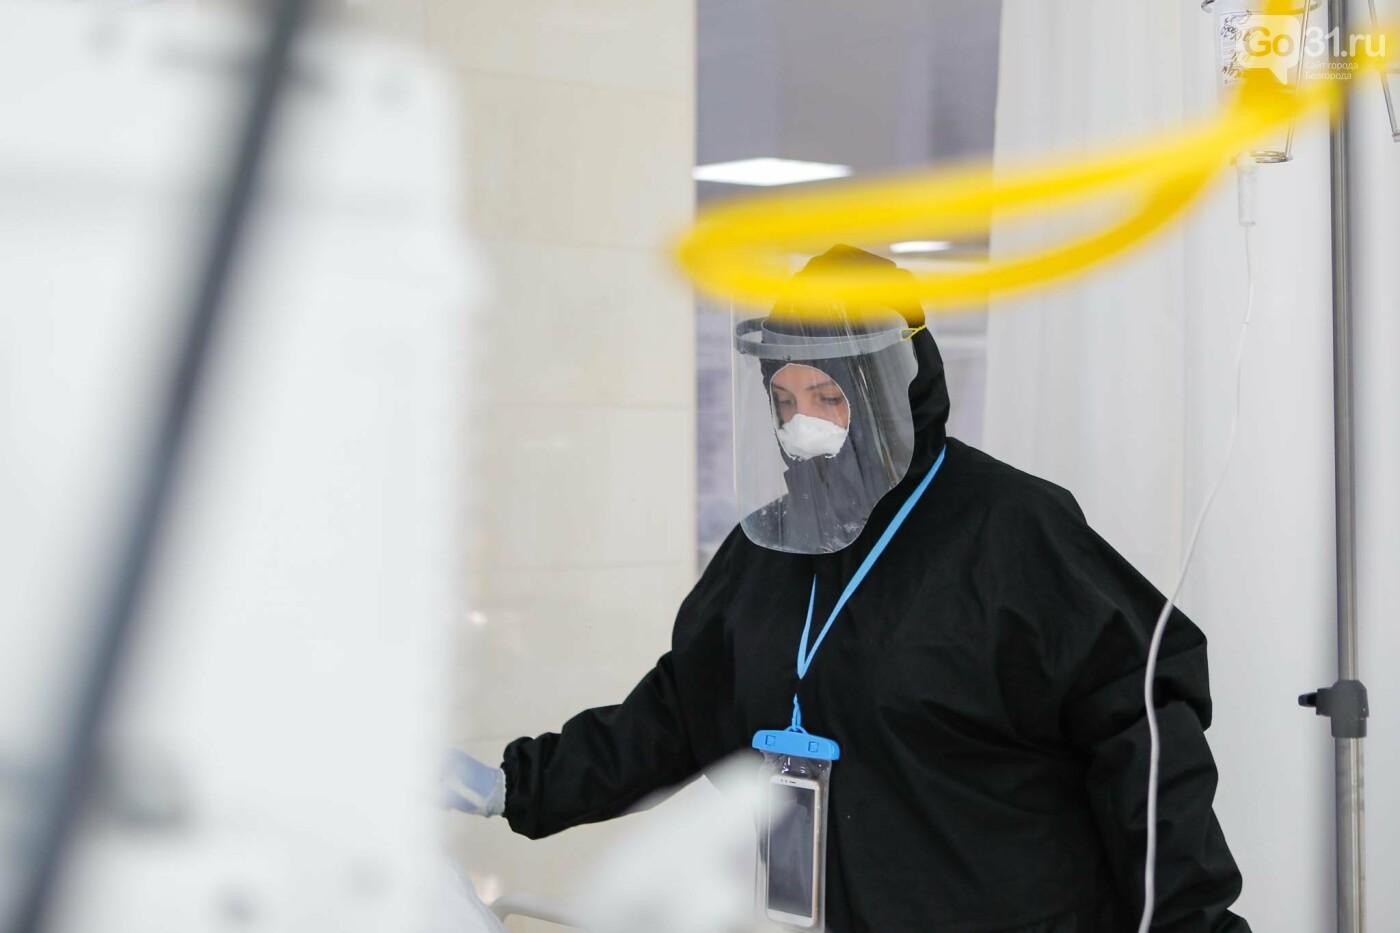 Что происходит в ковид-госпитале Белгорода. Фоторепортаж из «красной» зоны, фото-19, Фото: Антон Вергун